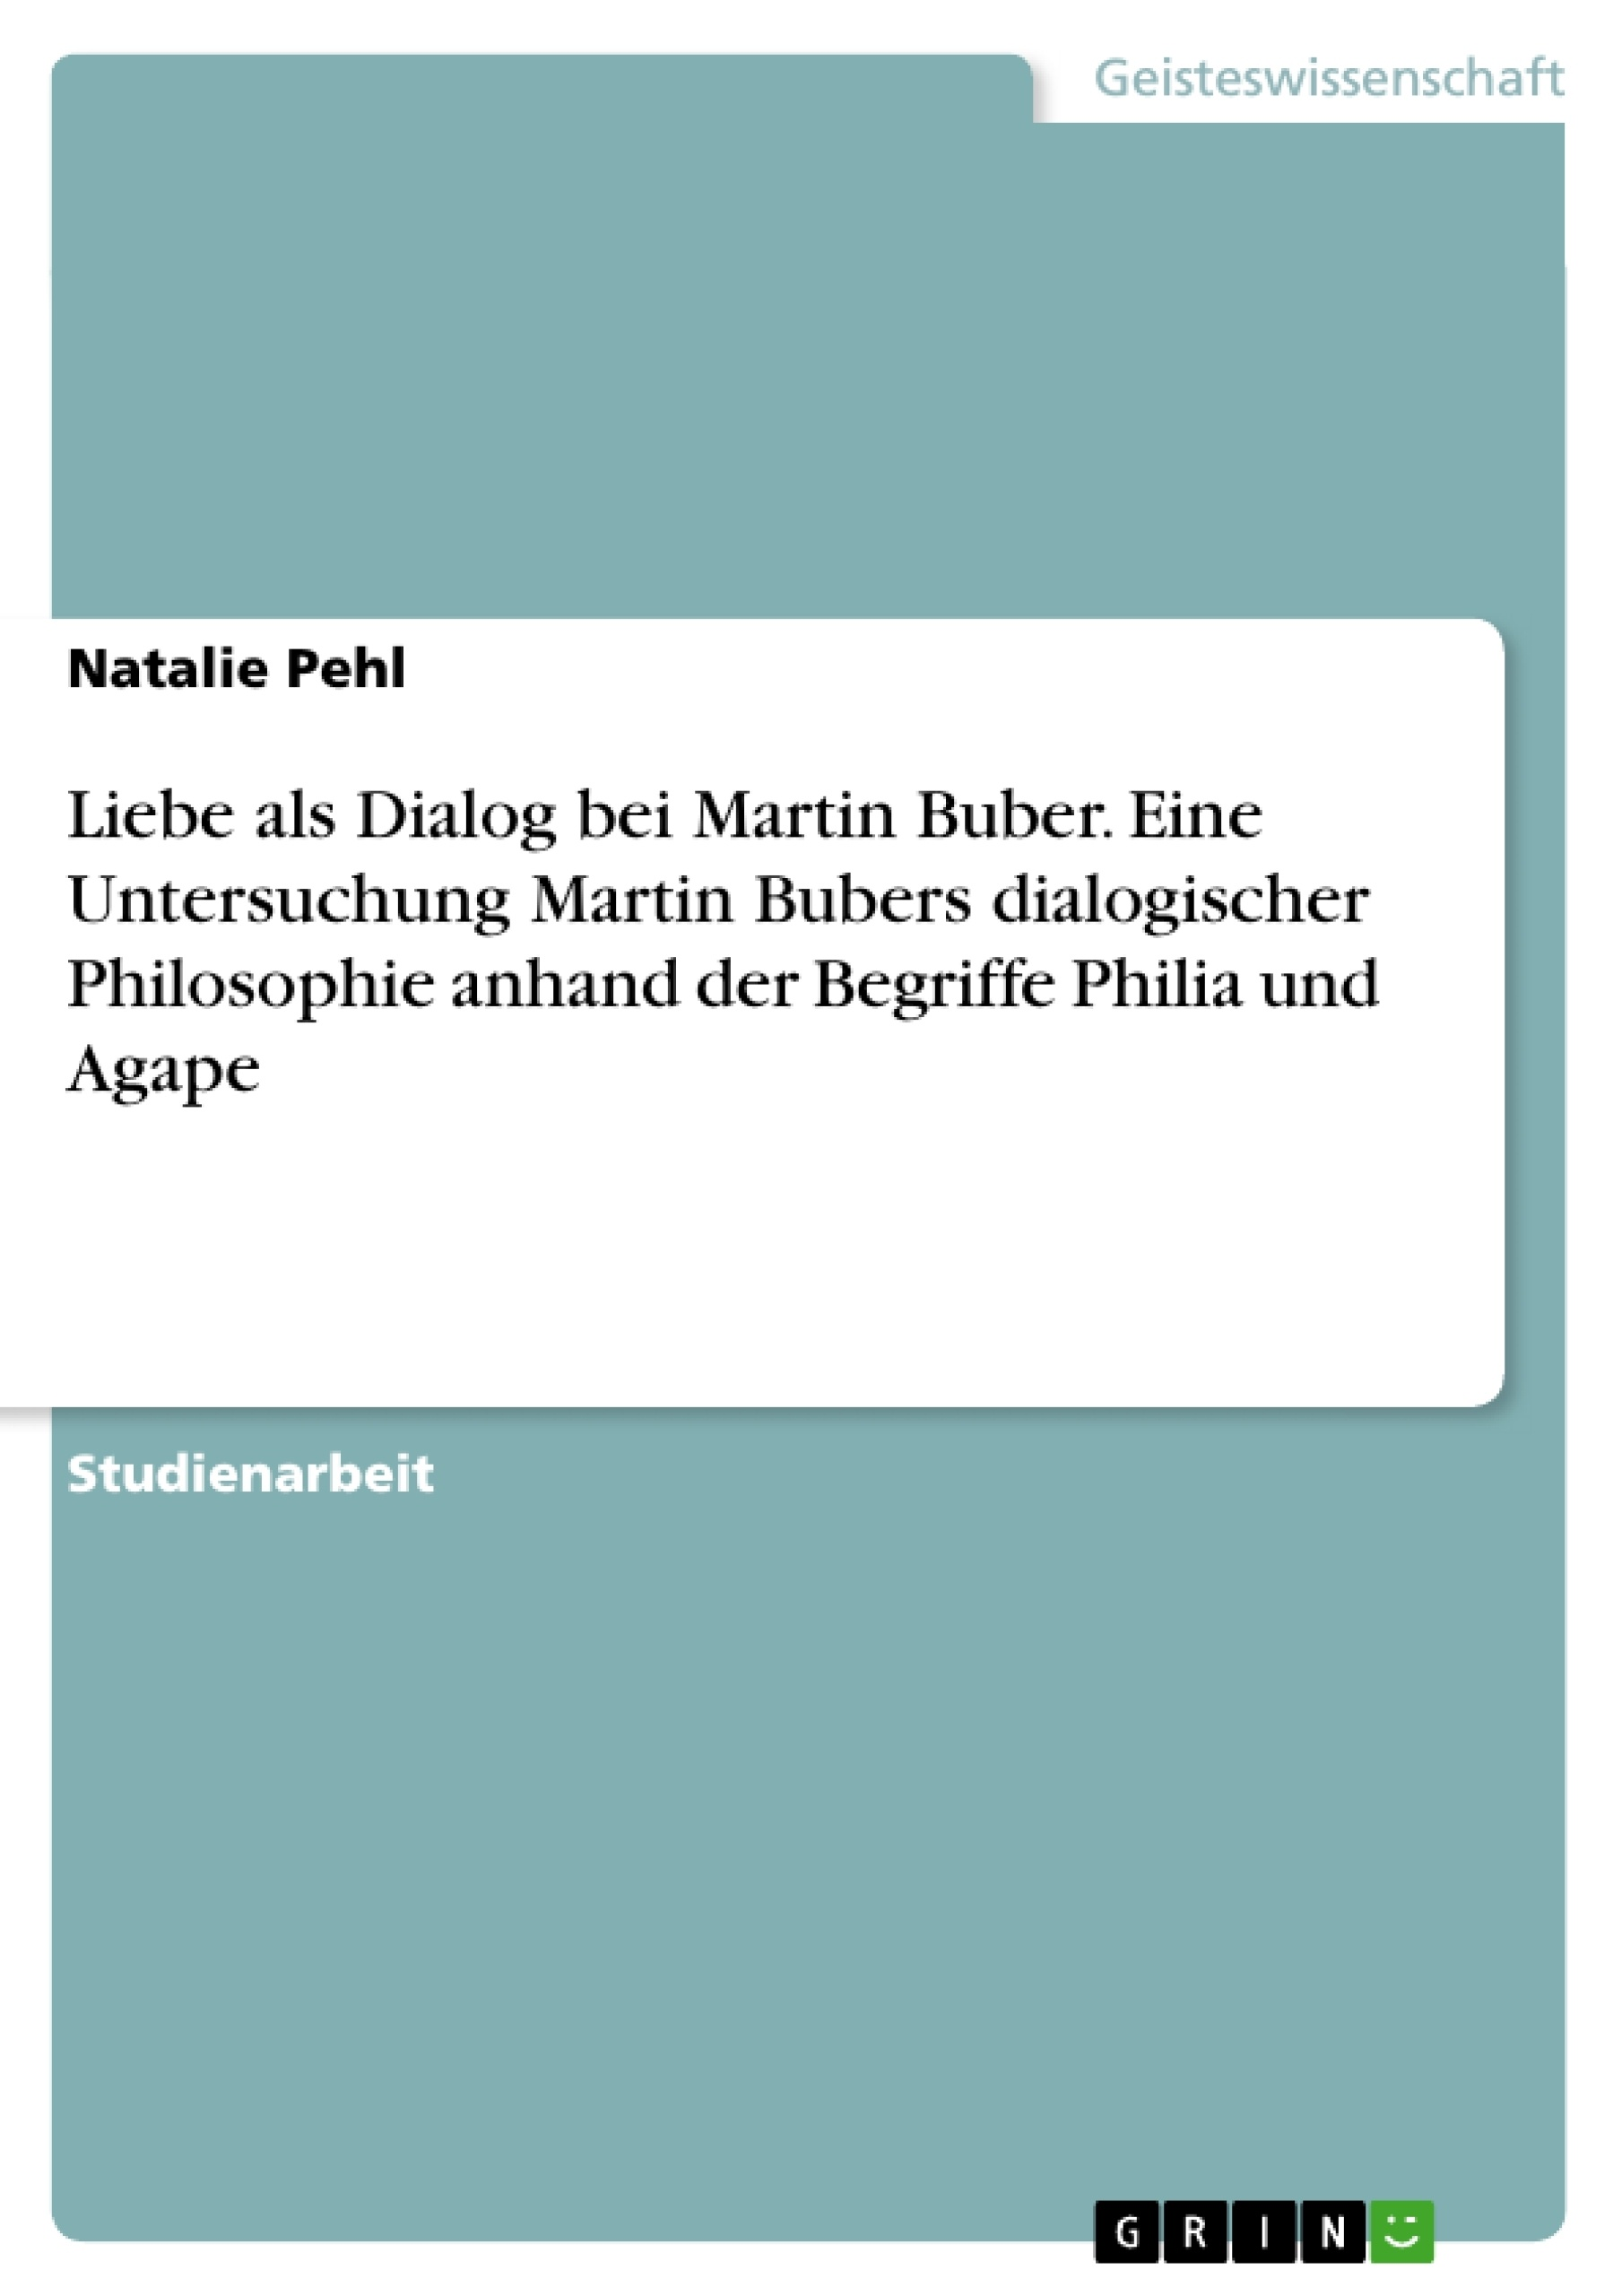 Titel: Liebe als Dialog bei Martin Buber. Eine Untersuchung Martin Bubers dialogischer Philosophie anhand der Begriffe Philia und Agape